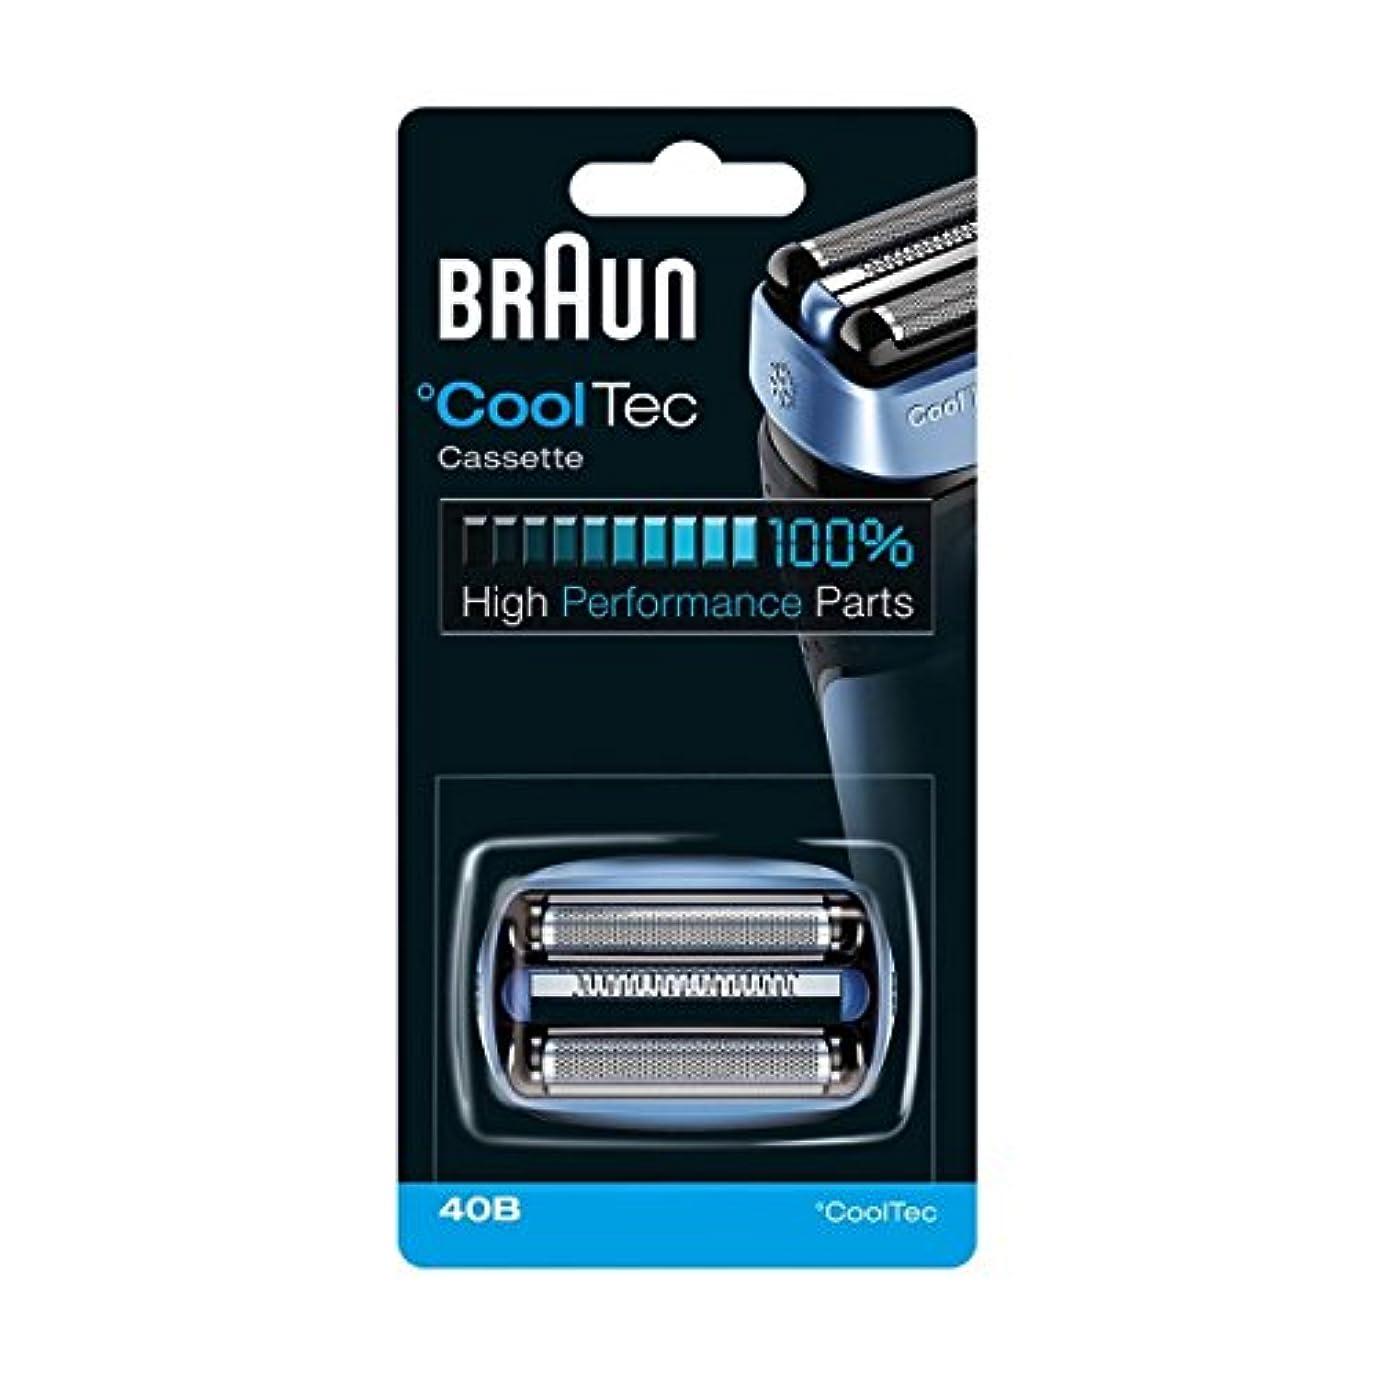 予防接種するブラザー助言する【並行輸入品】BRAUN 40B Foil and Cutter Replacement Cartridge for CoolTec shavers series